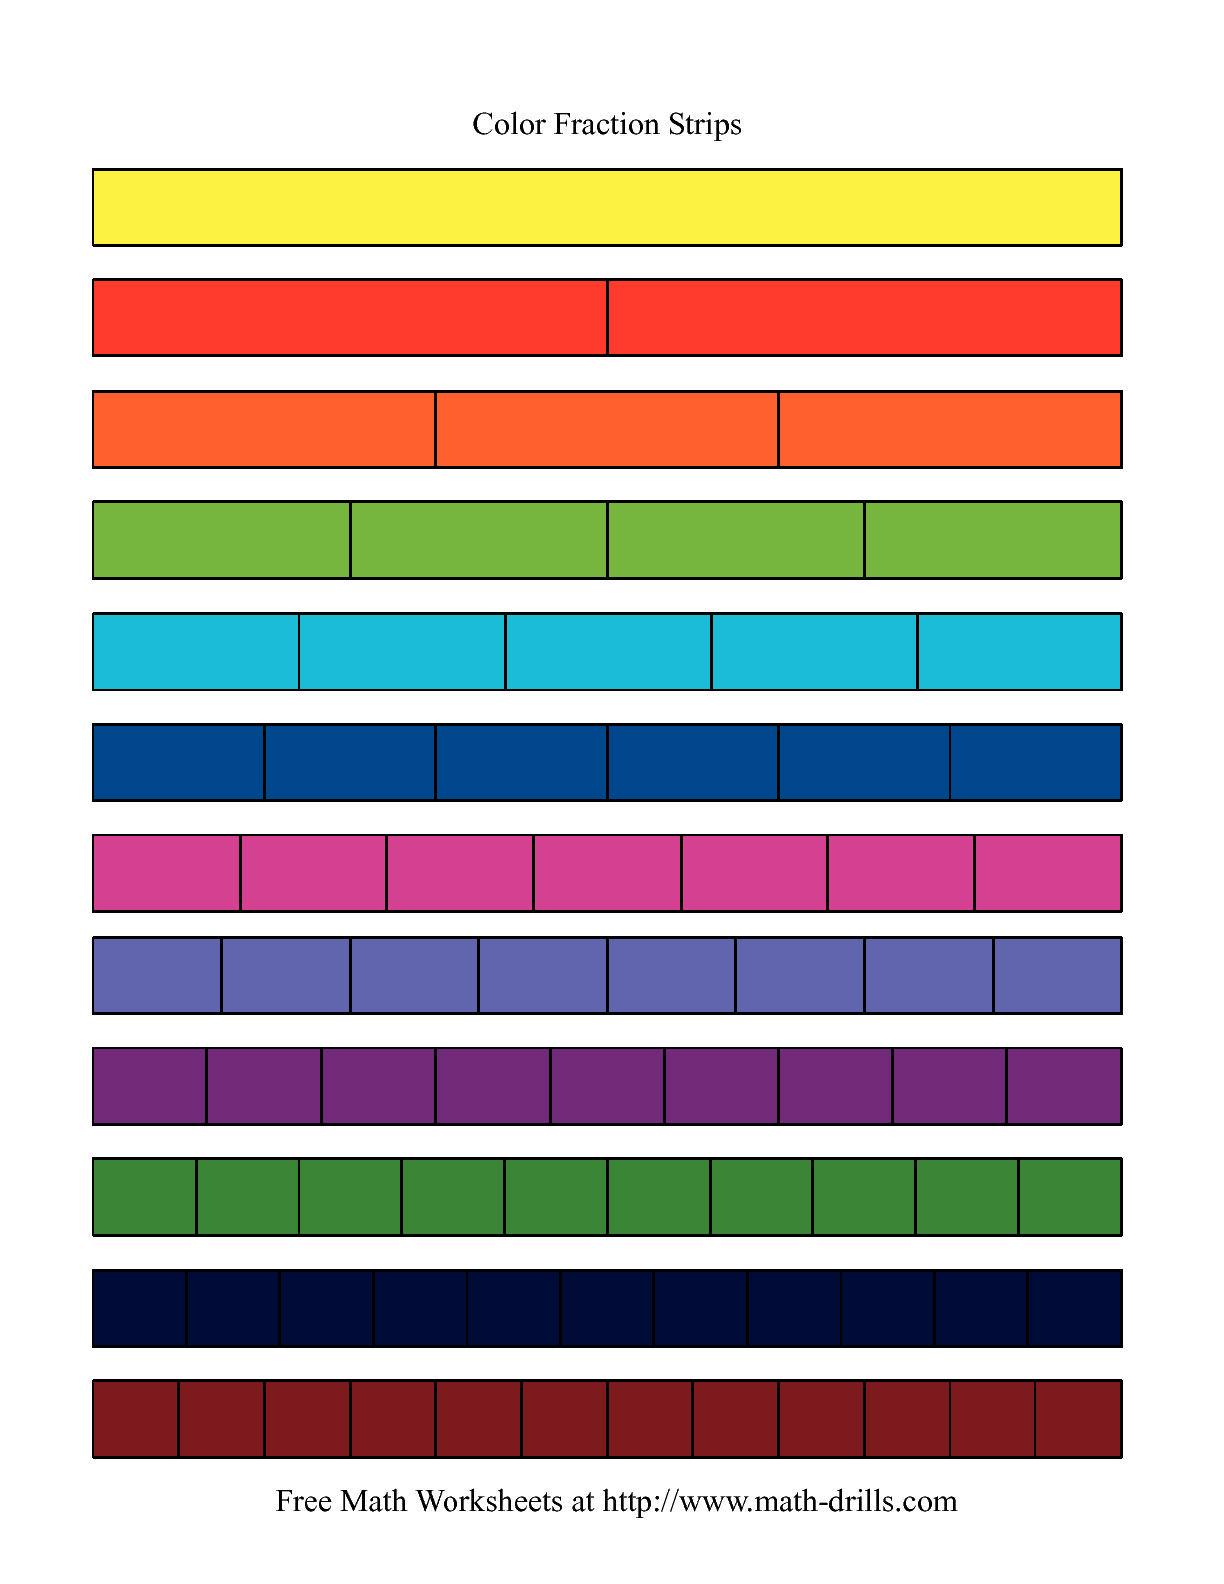 The Color Fraction Strips Unlabeled Fractions Worksheet